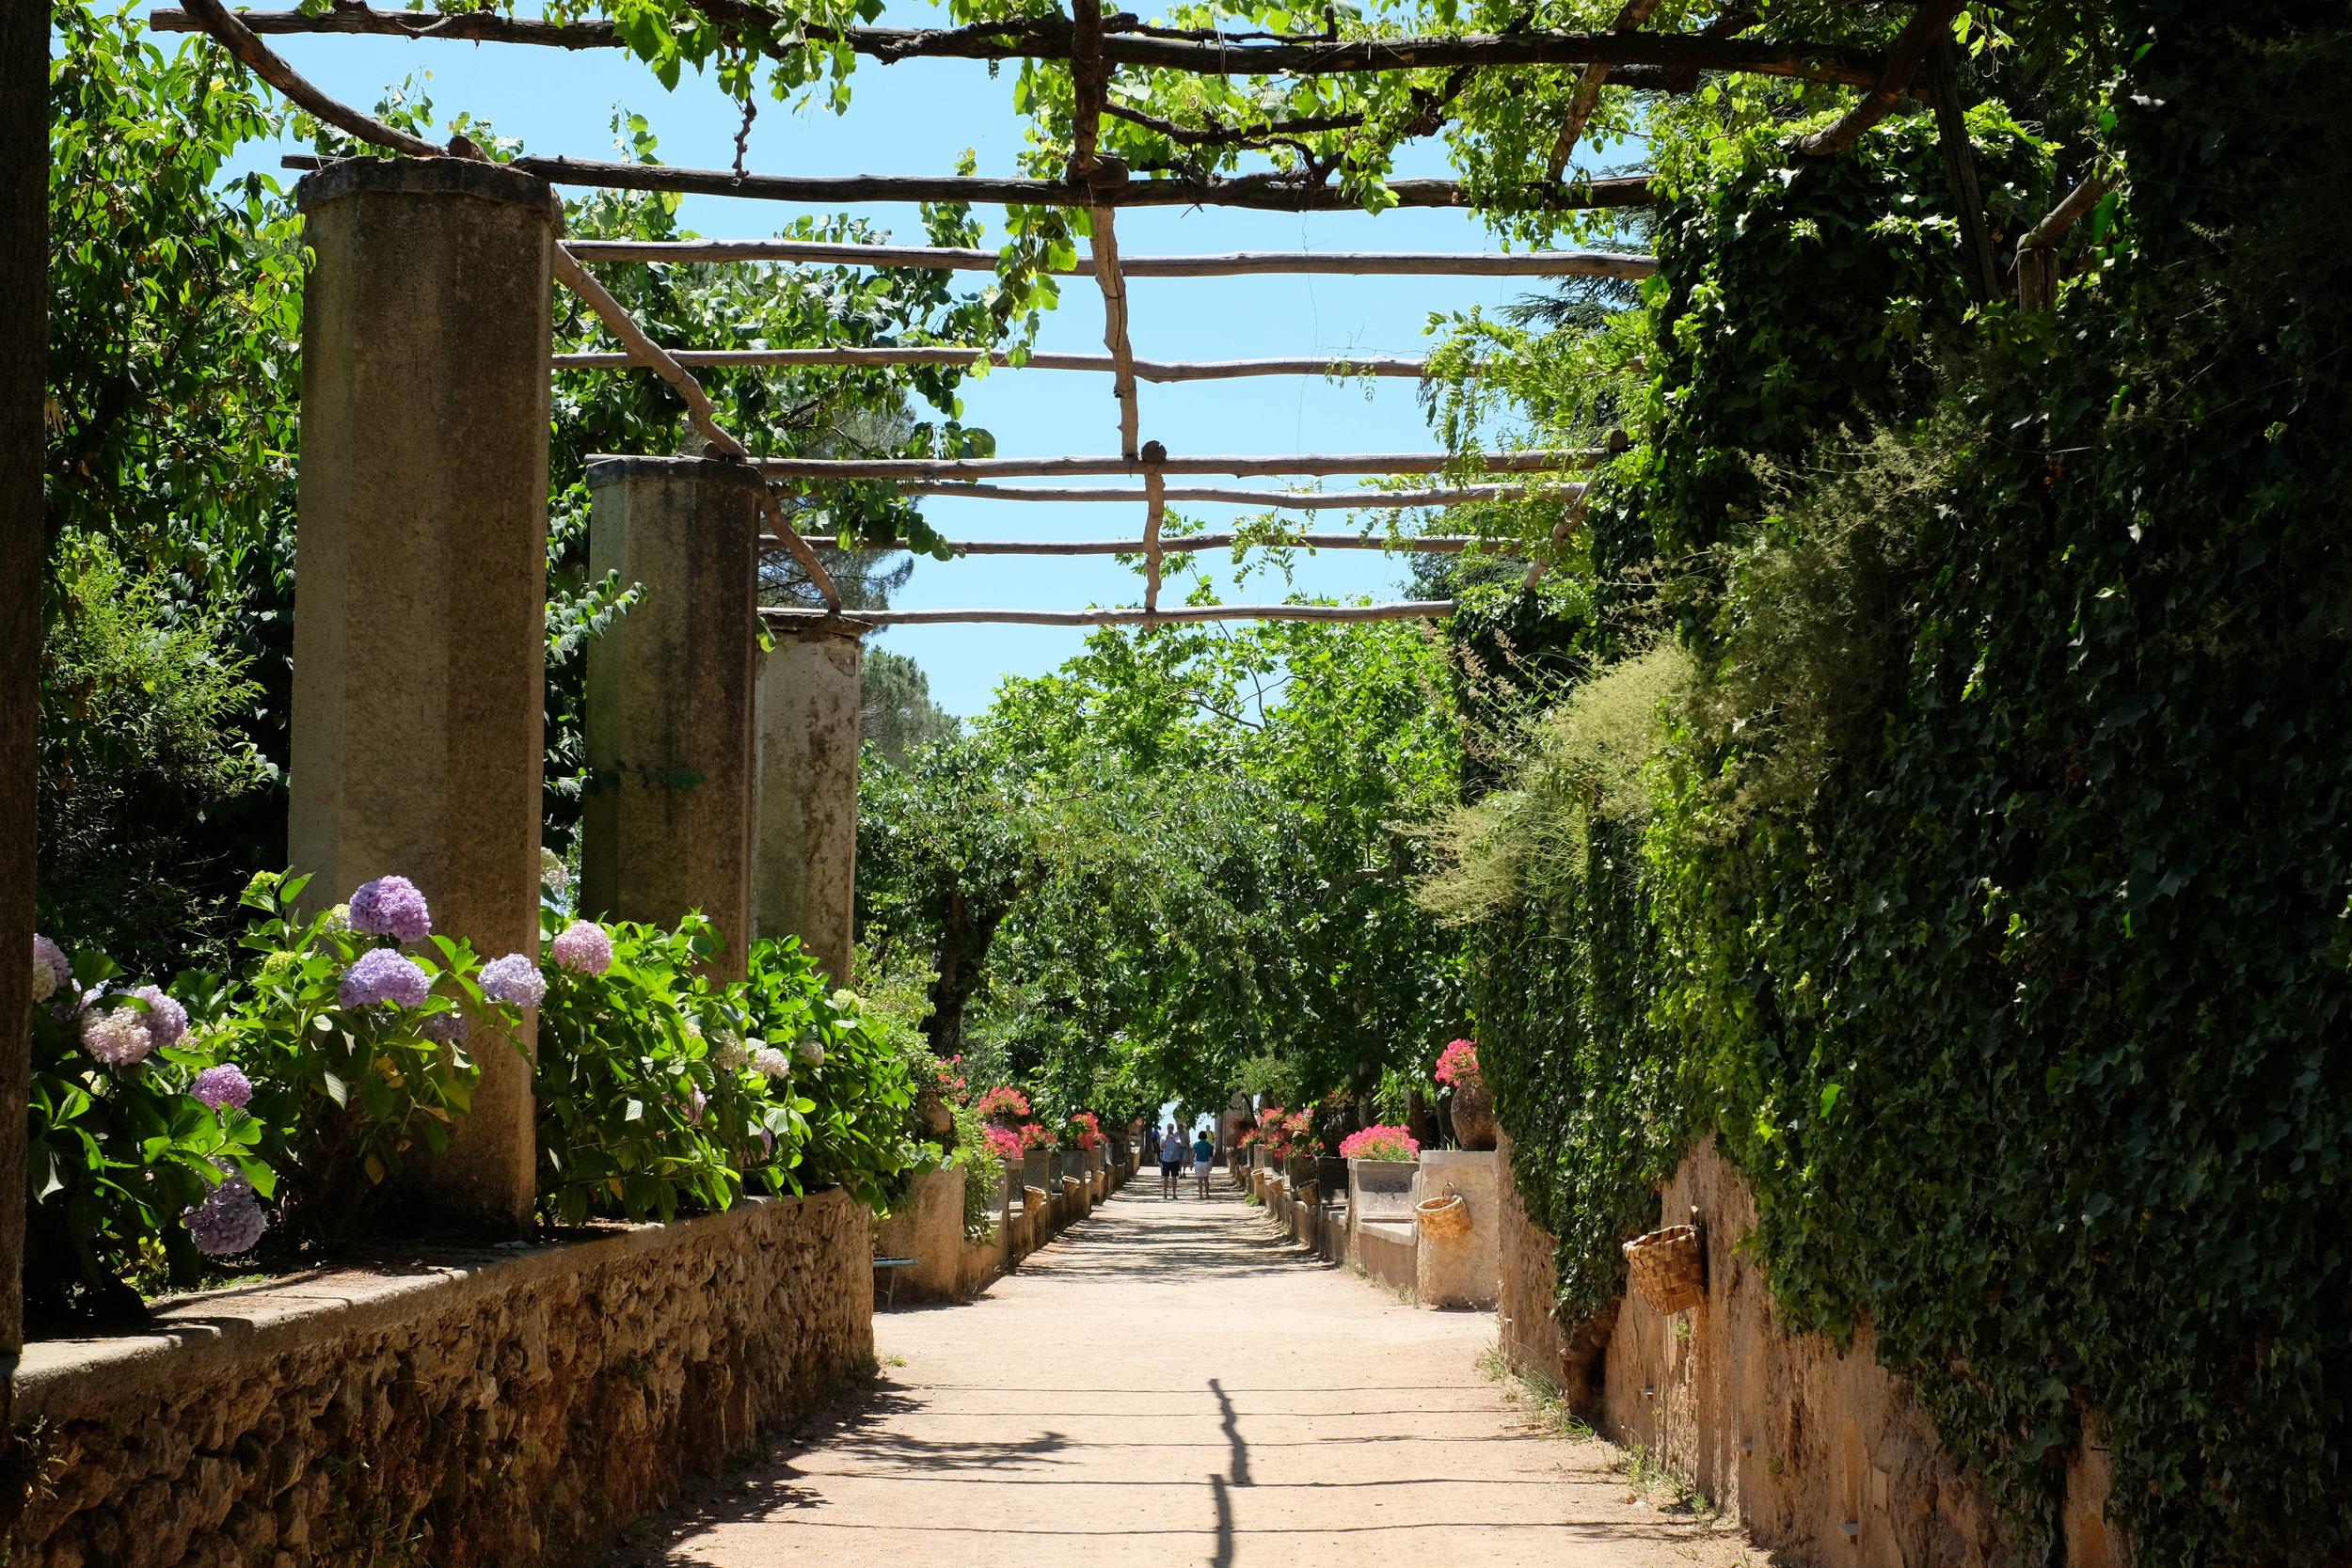 Gardens at Villa Cimbrone.